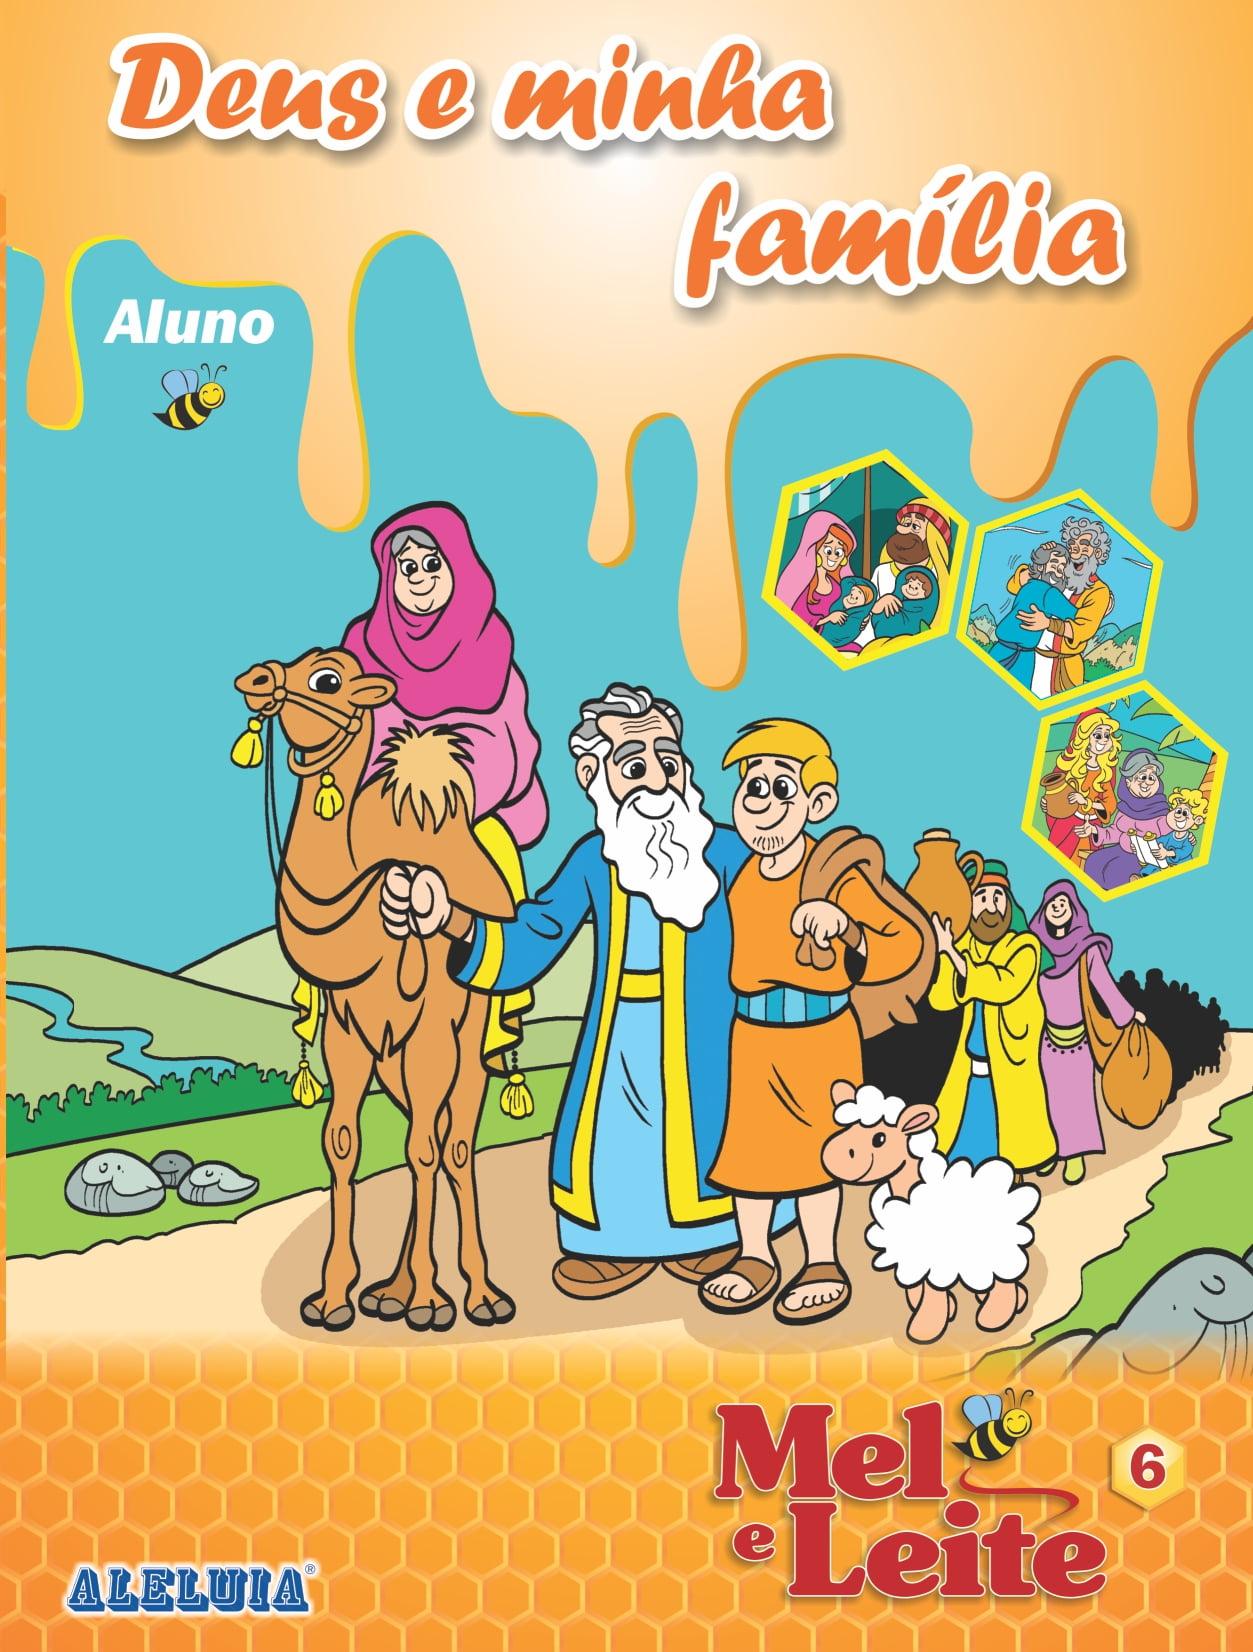 Rev. 6 - Deus e minha família  - aluno - 378-6 A PRAZO: R$ 6,00; Á VISTA: R$ 5,70